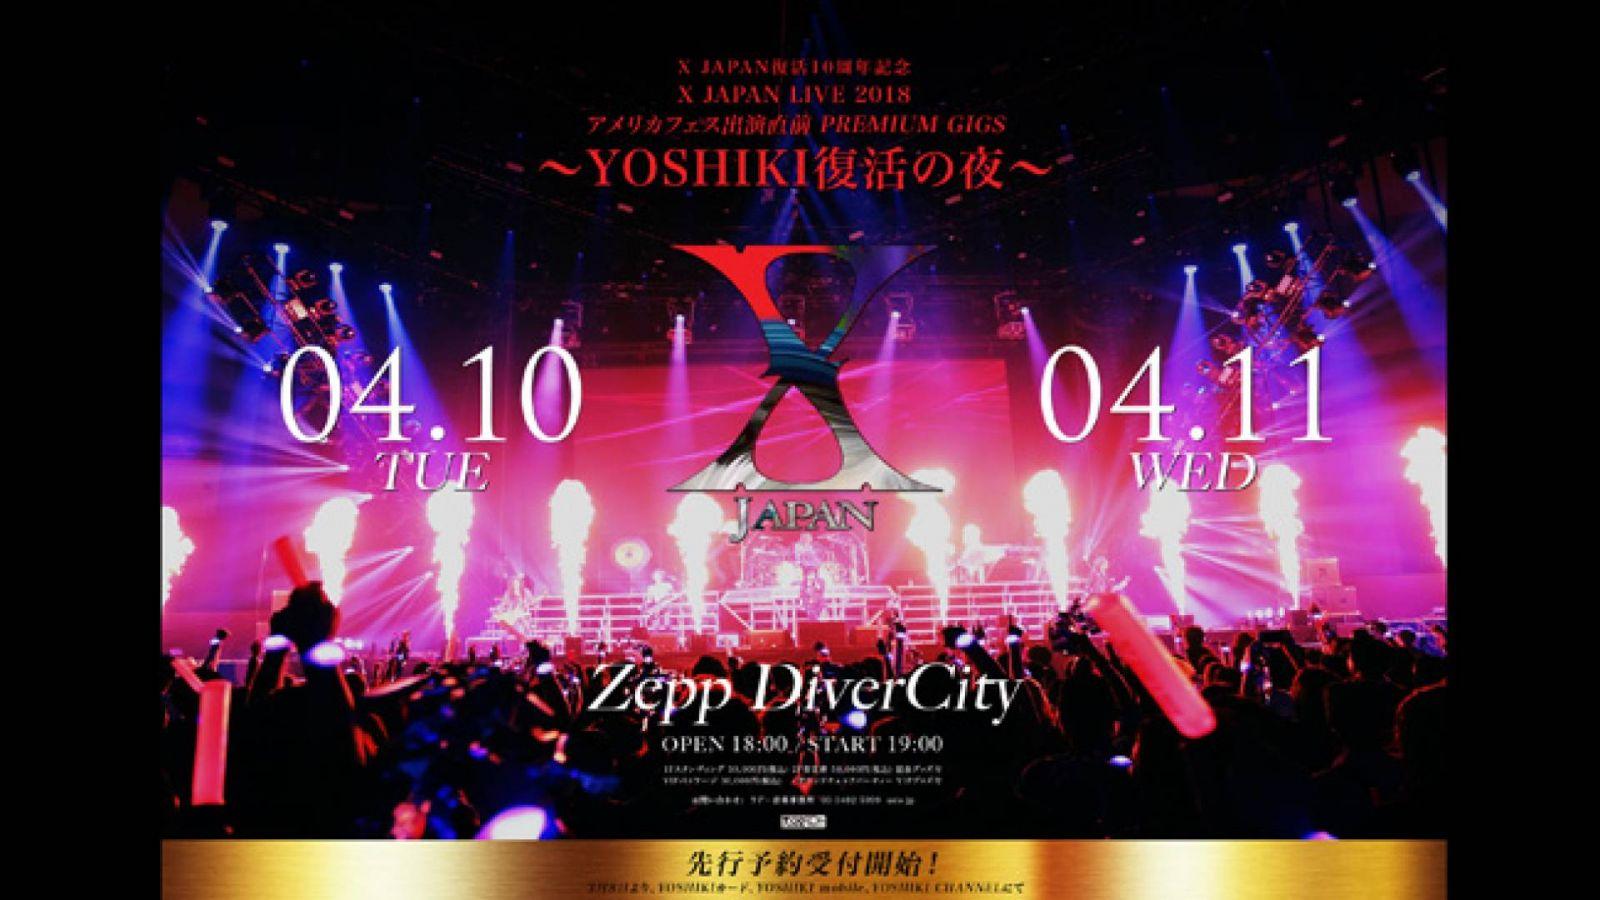 X JAPAN anuncia su concierto conmemorativo PREMIUM GIGS © X JAPAN